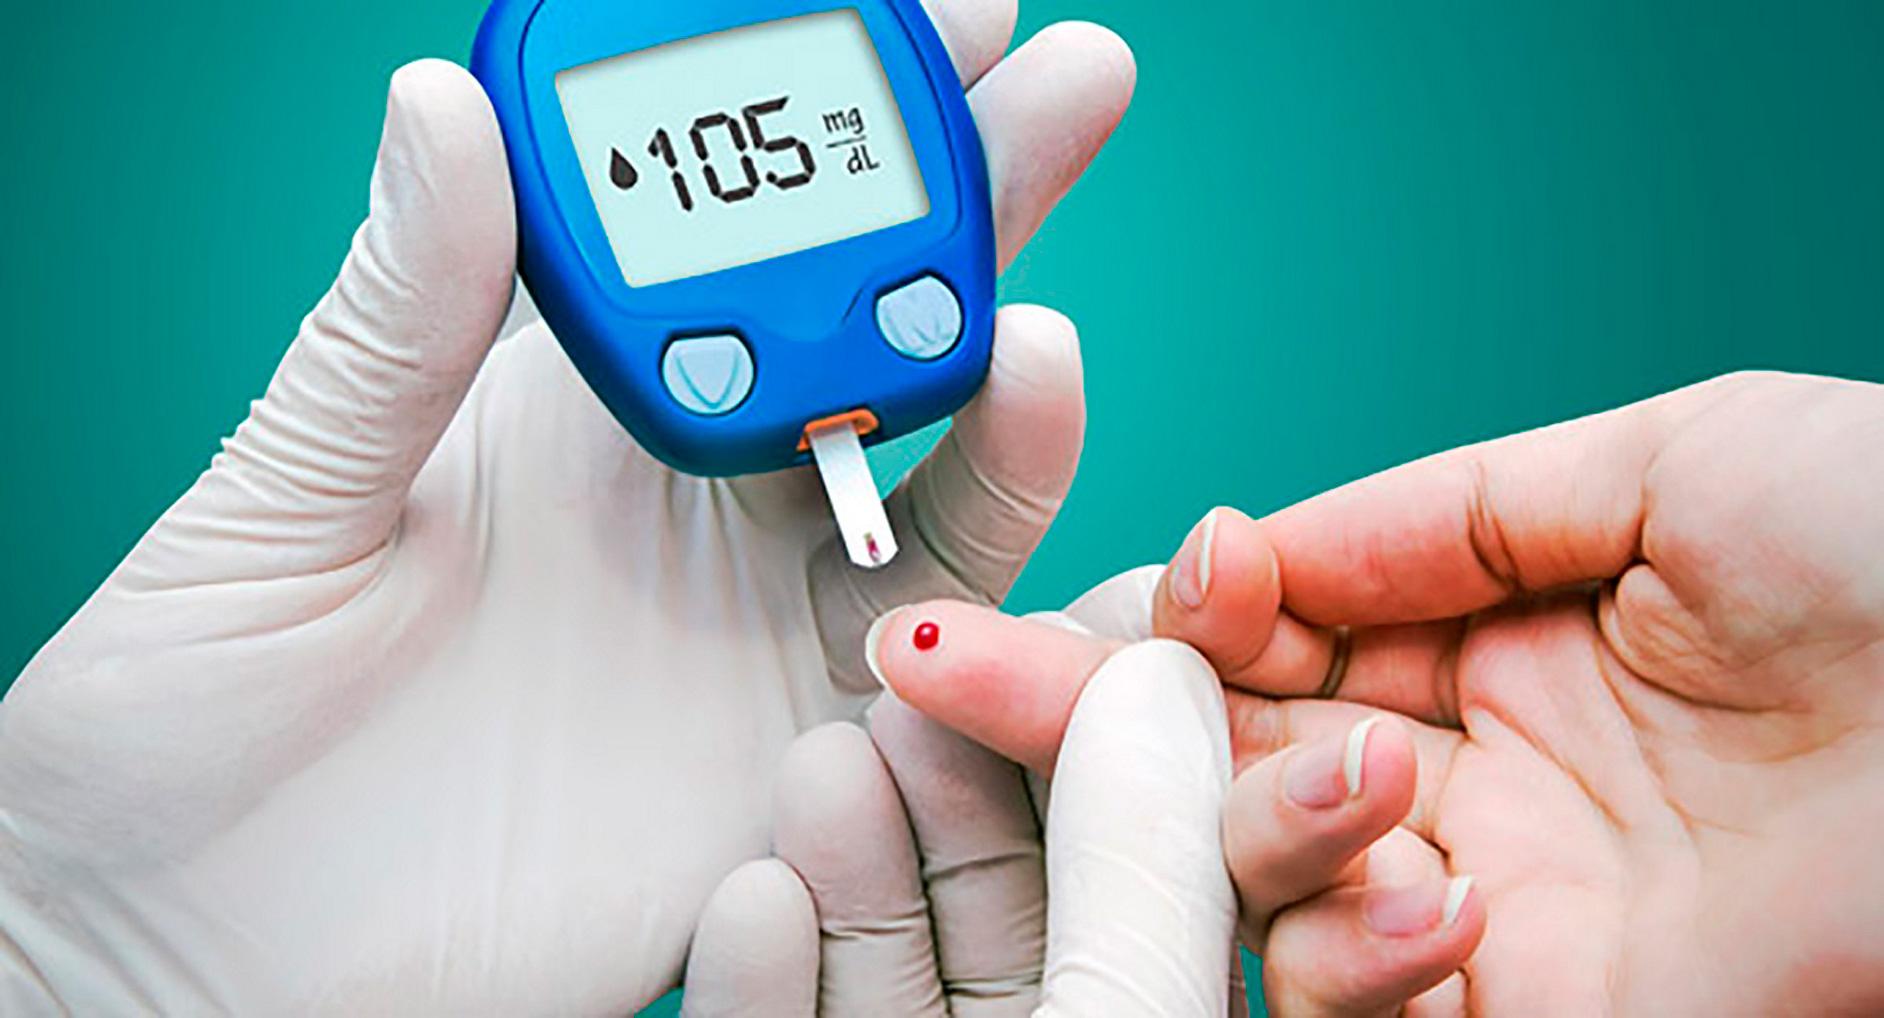 توصیههایی برای افراد دیابتی در صورت ابتلا به انواع بیماریها از جمله COVID-19